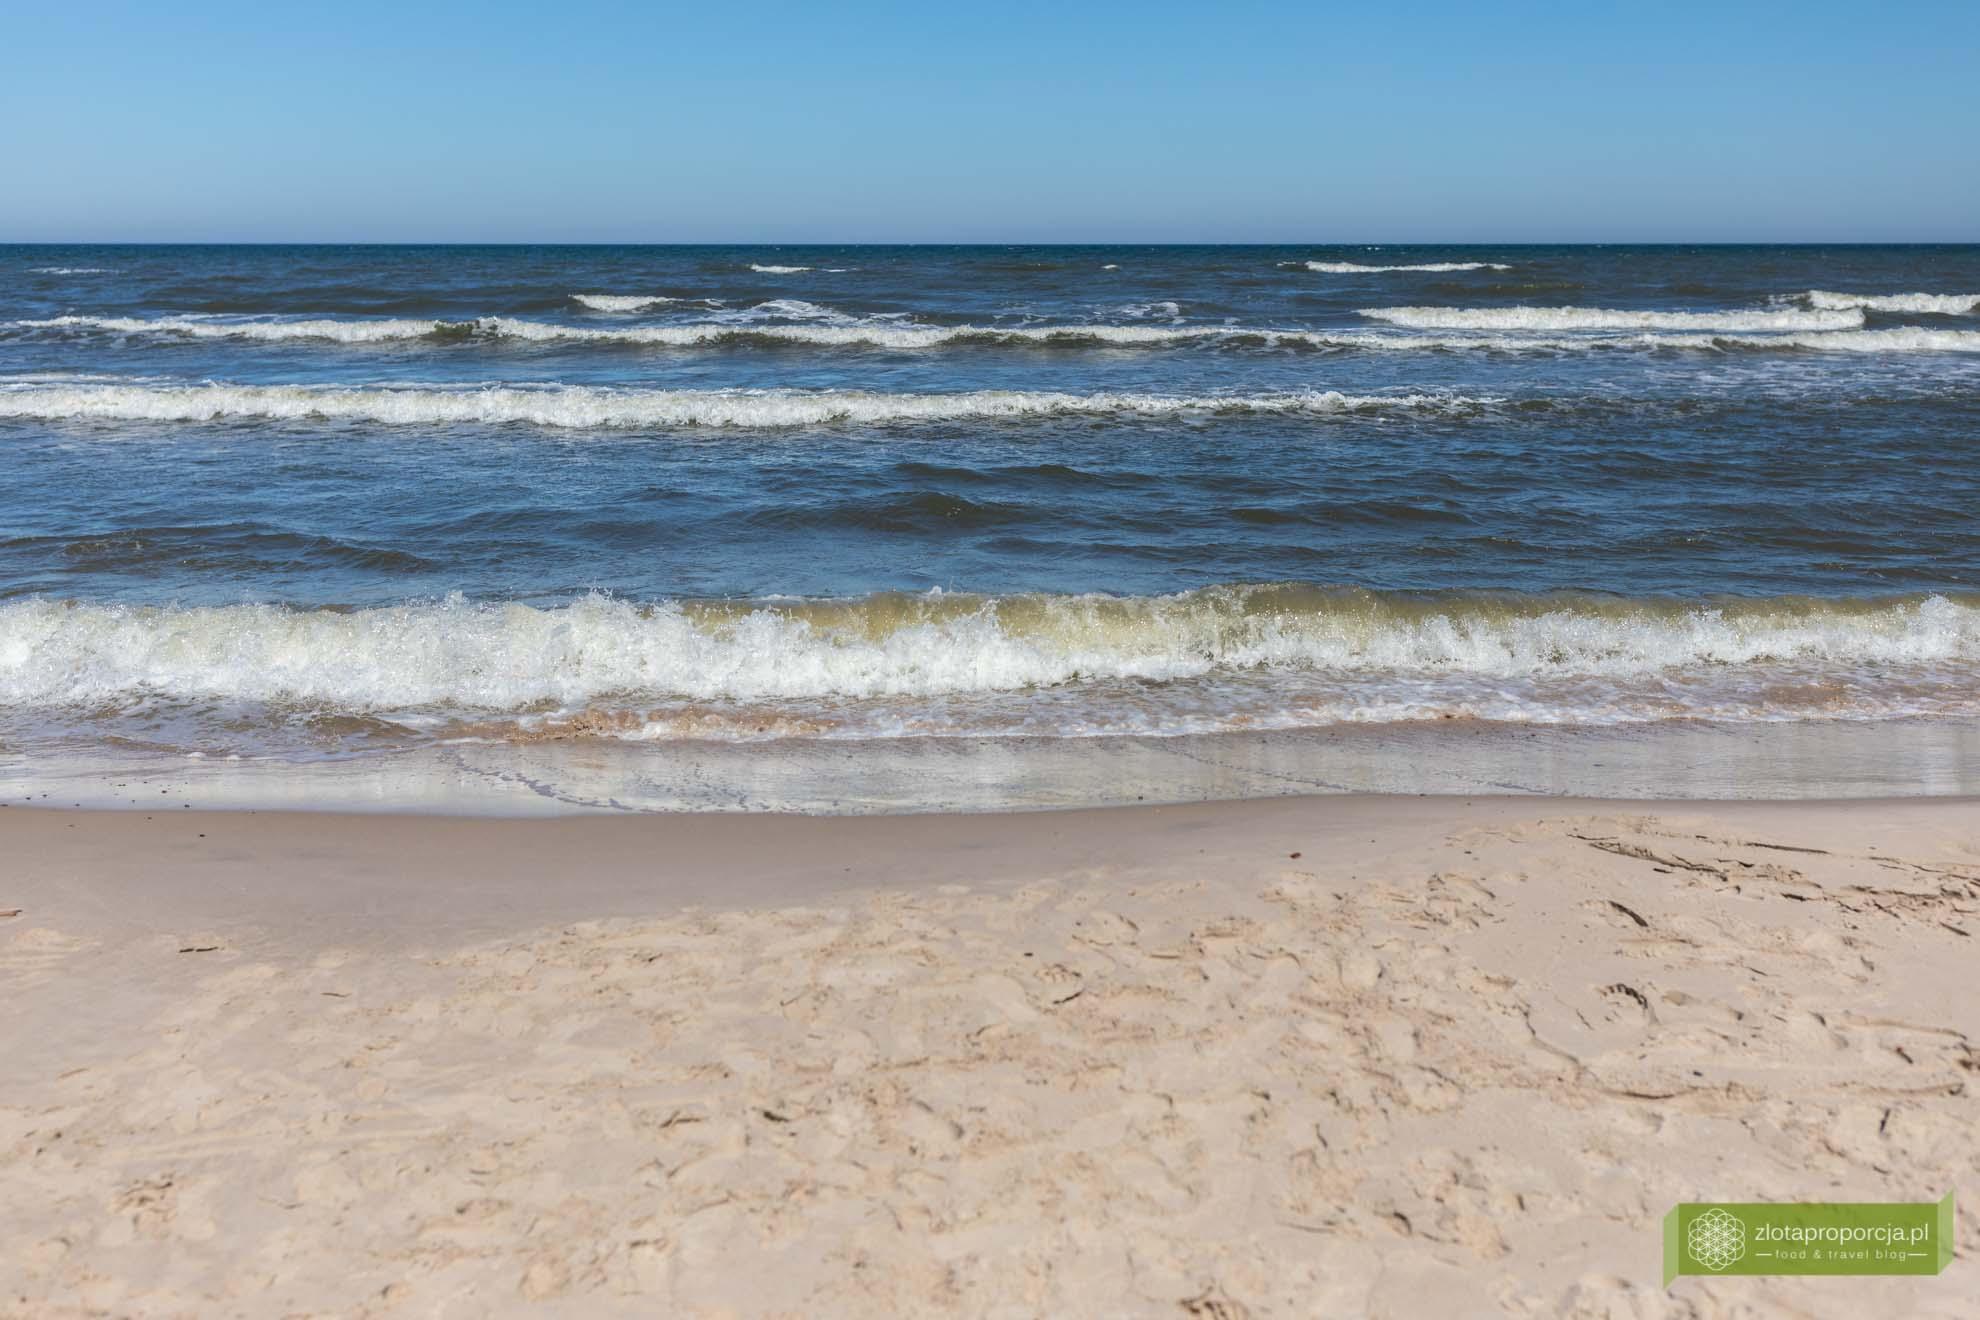 Słowiński Park Narodowy; Morze Bałtyckie, Smołdziński Las; Słowiński Park Narodowy atrakcje; Czołpino; plaża Czołpino;